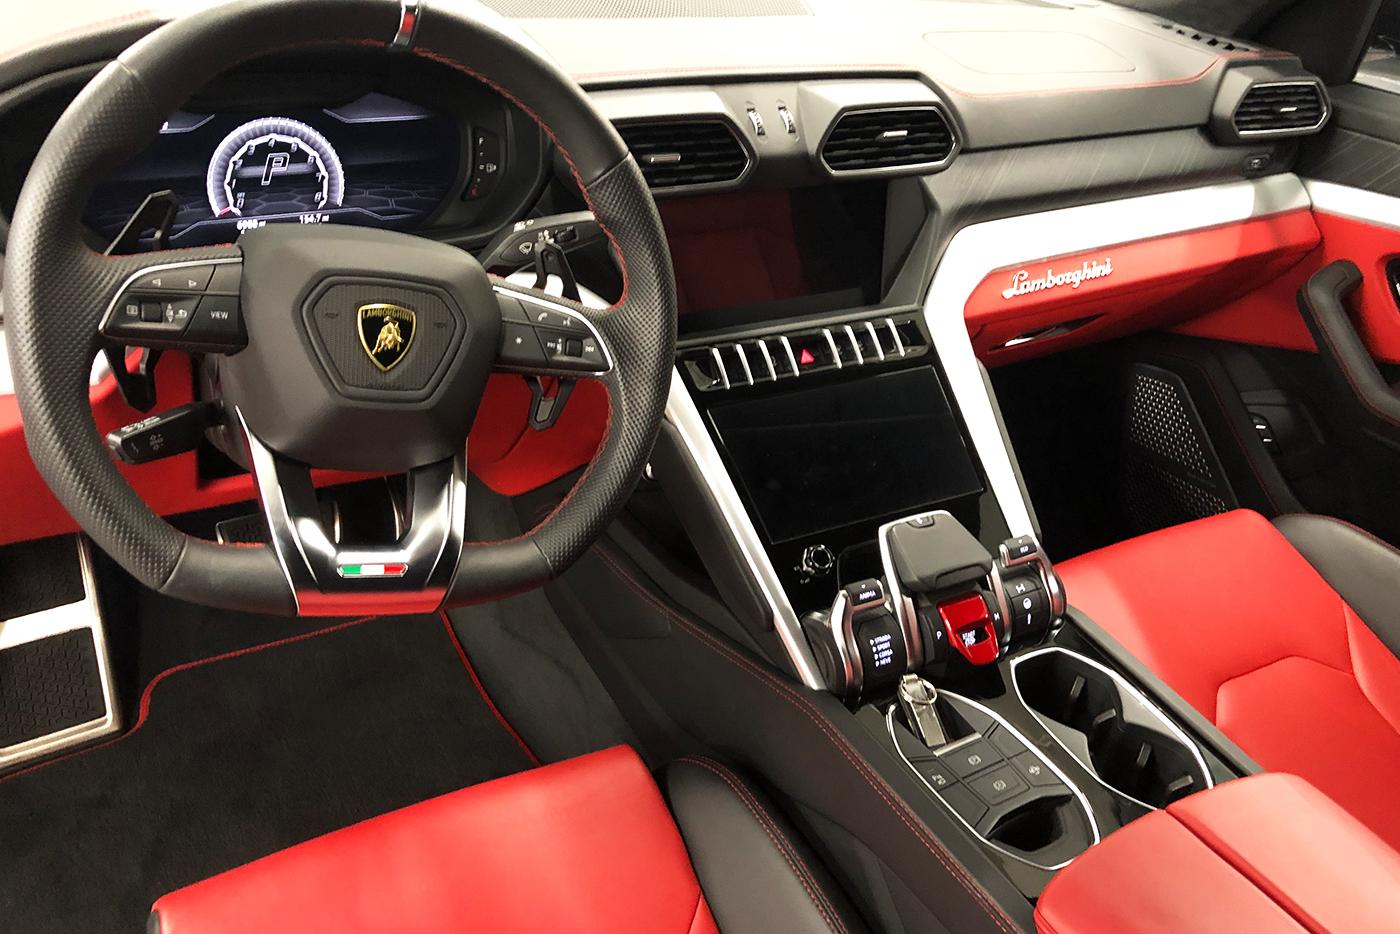 Lamborghini-Urus-_-Website4.jpg